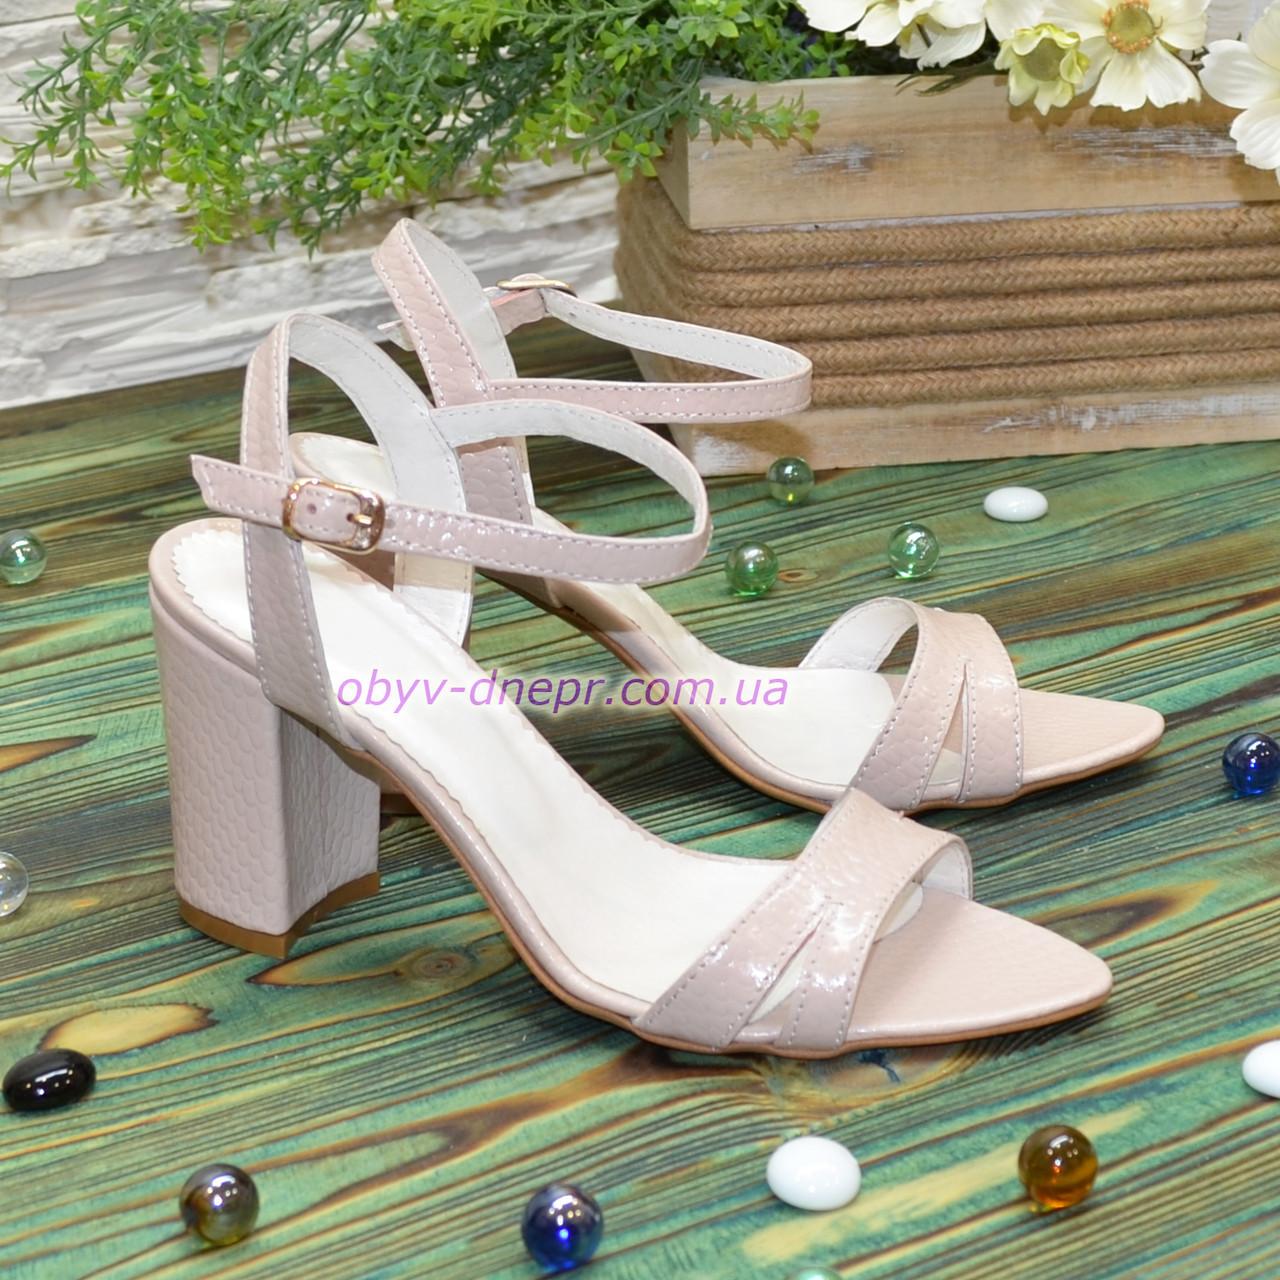 Женские кожаные босоножки на  устойчивом каблуке, цвет пудра. 37 размер